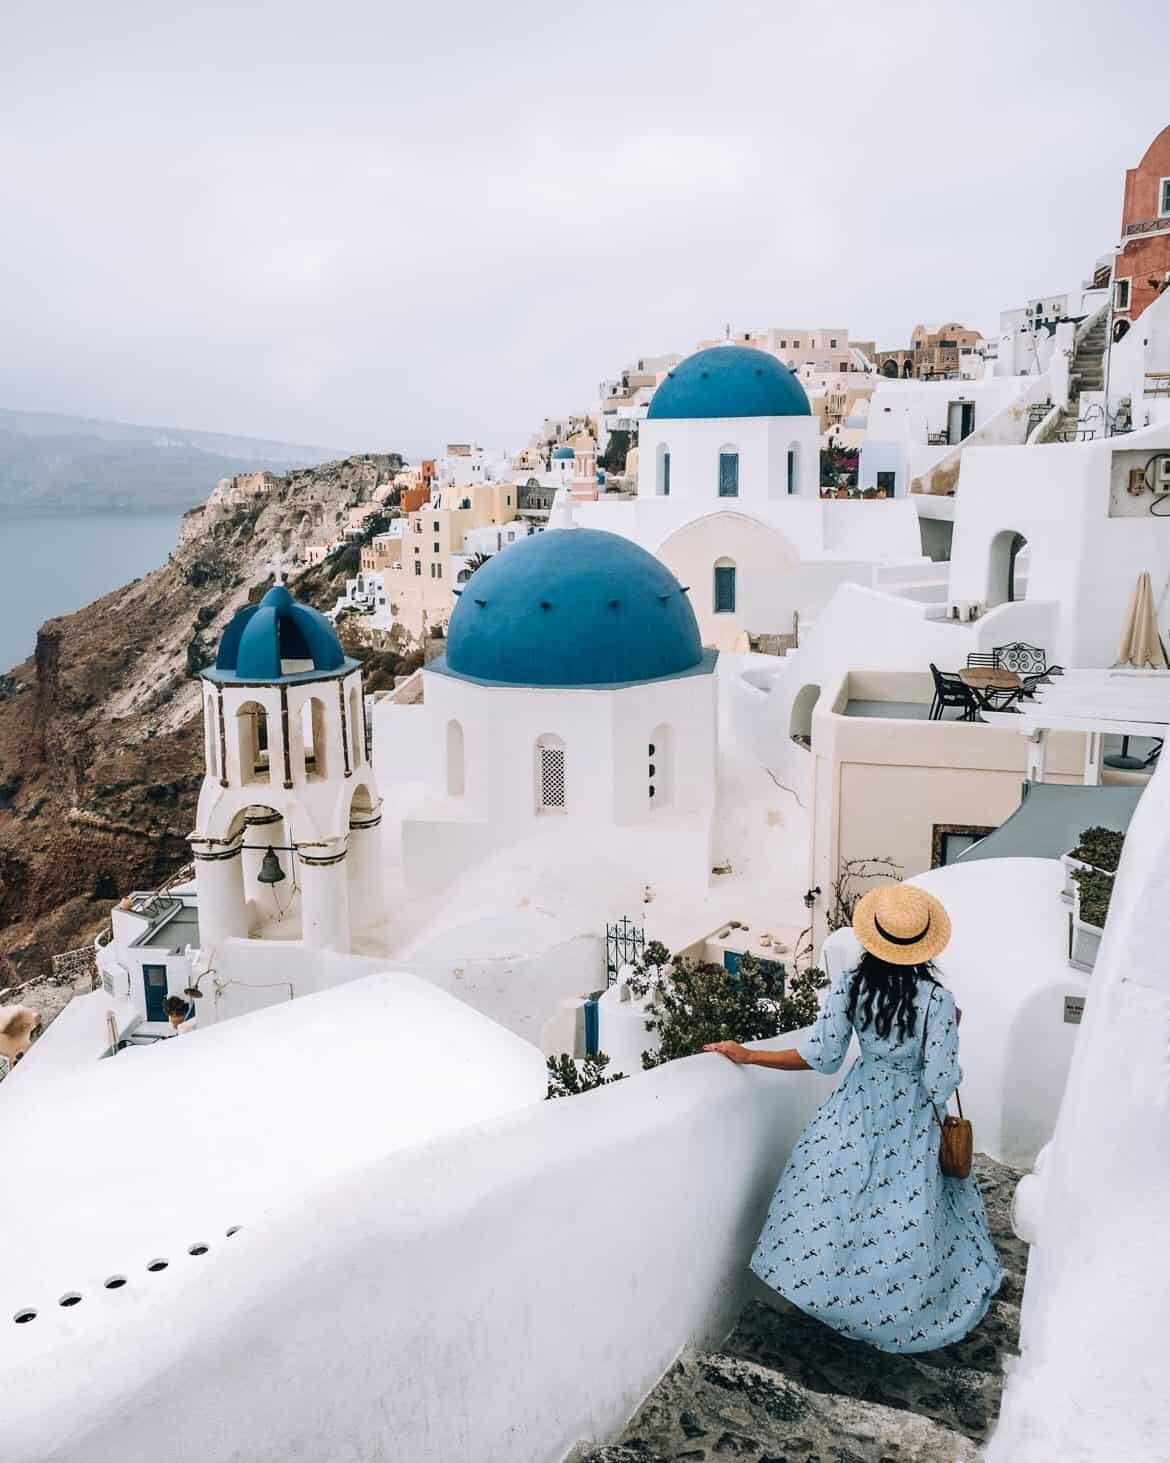 Santorini Travel Guide – Die besten Tipps, Ausflugsziele & Fotospots